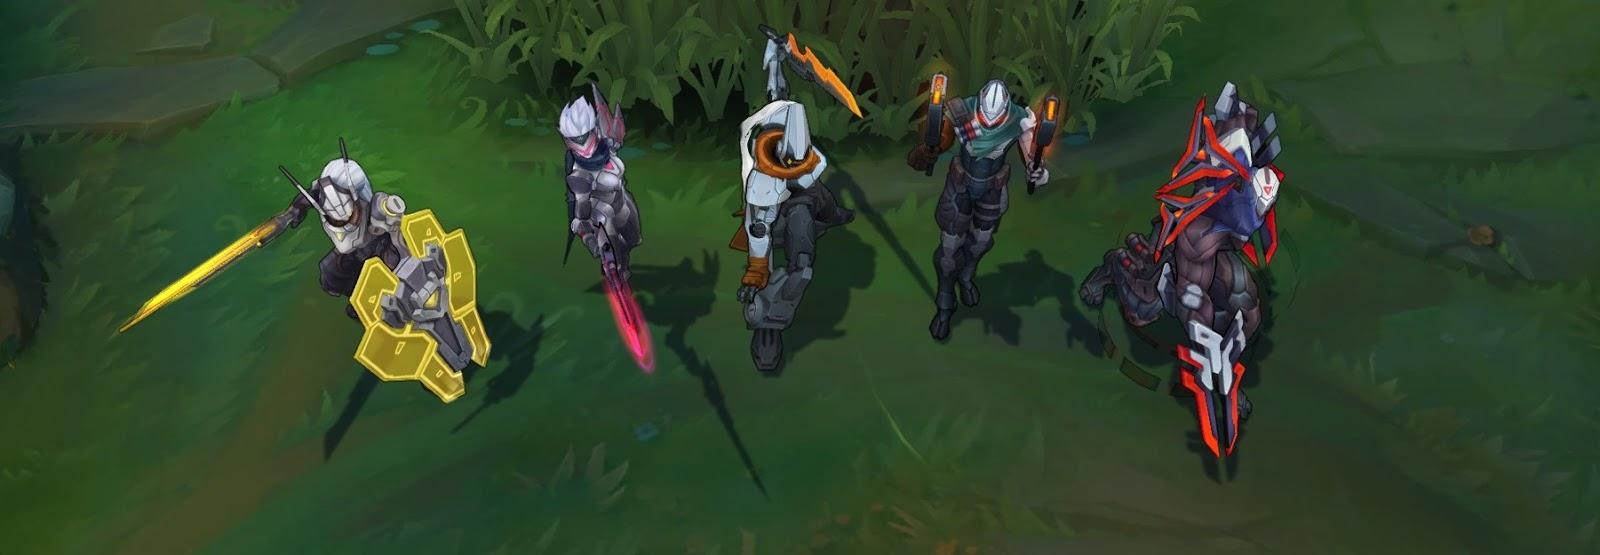 League of Legends: Hier sind die 5 Project-Skins und sie haben was von Power-Rangers